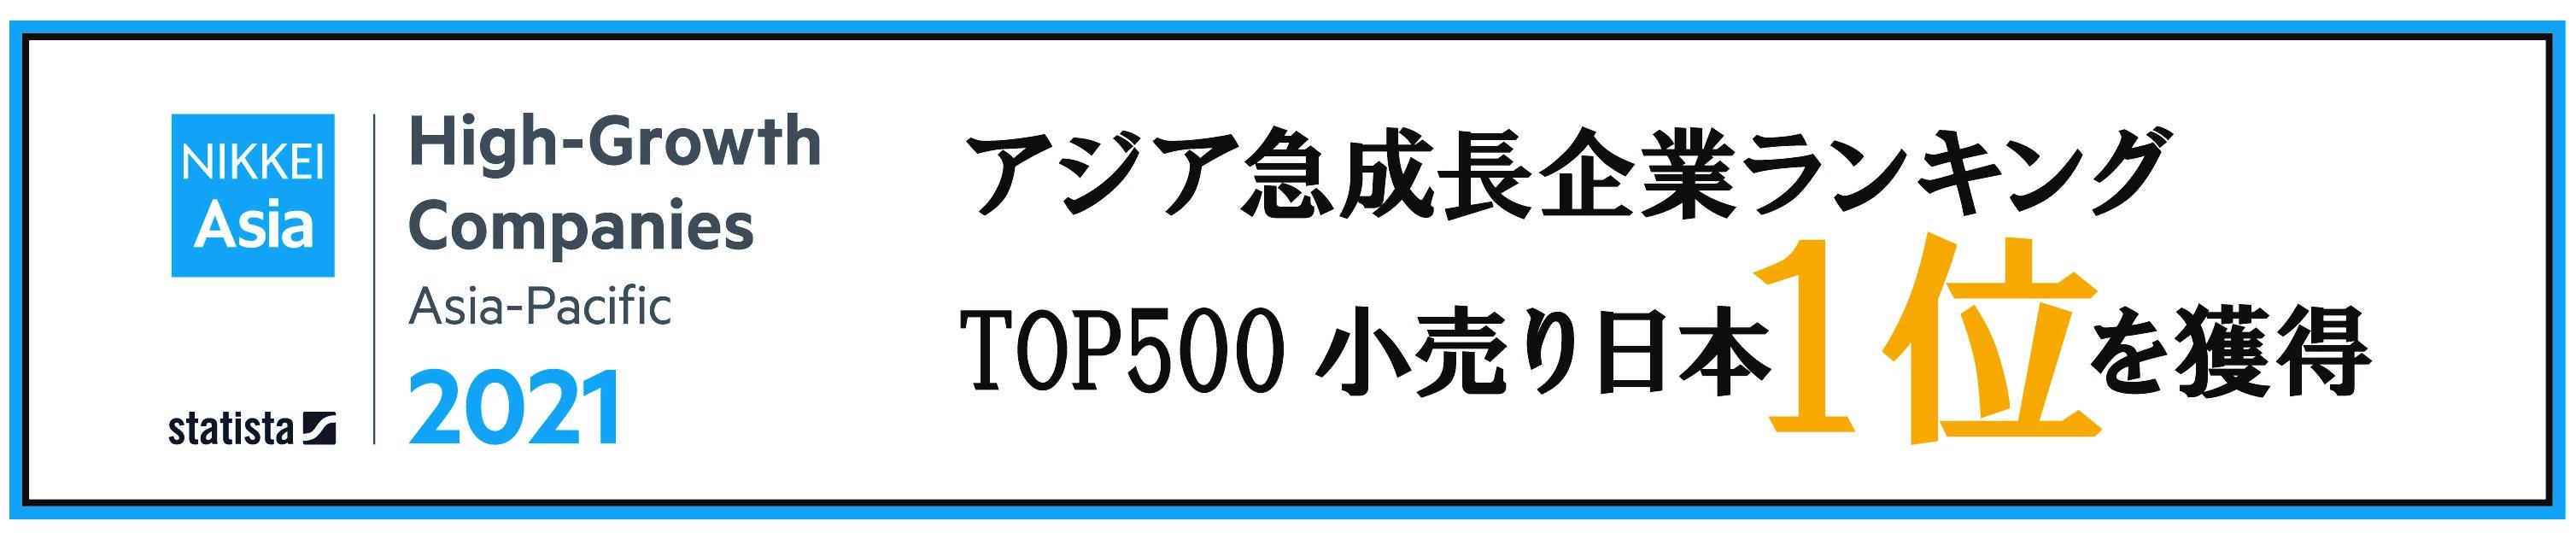 画像:アジア急成長企業ランキングTOP500小売り日本1位を獲得